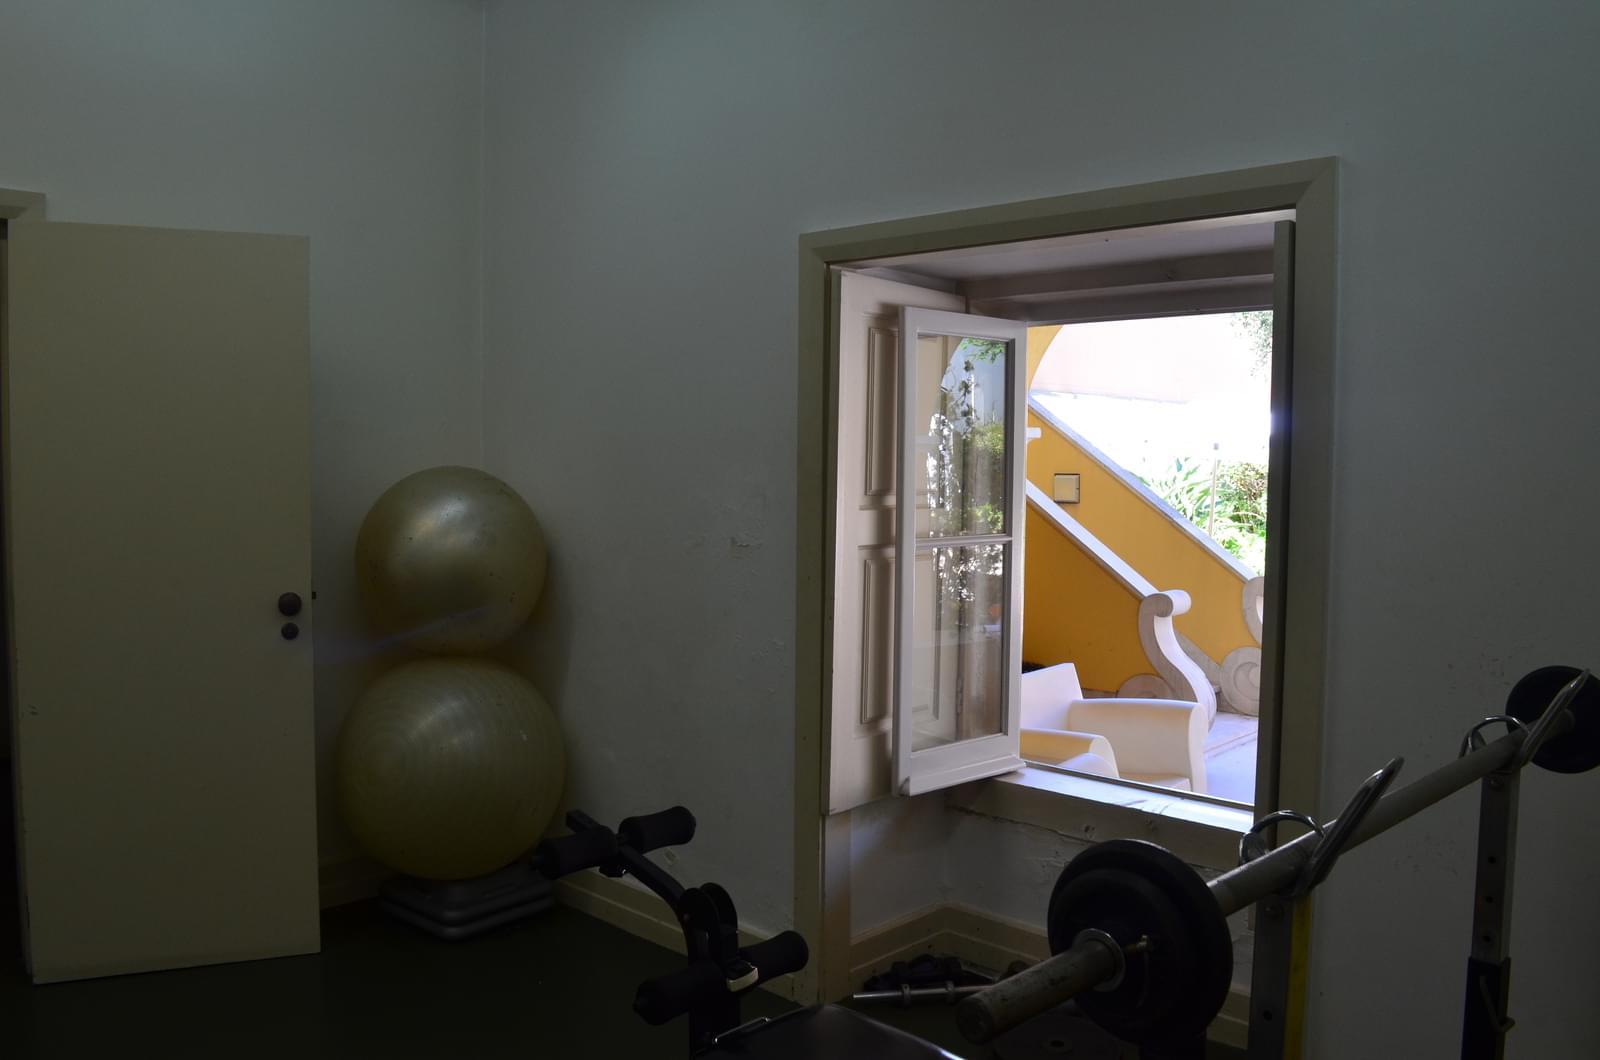 pf17565-apartamento-t3-lisboa-341e9a6e-feb5-475d-b82c-3c69607d8243